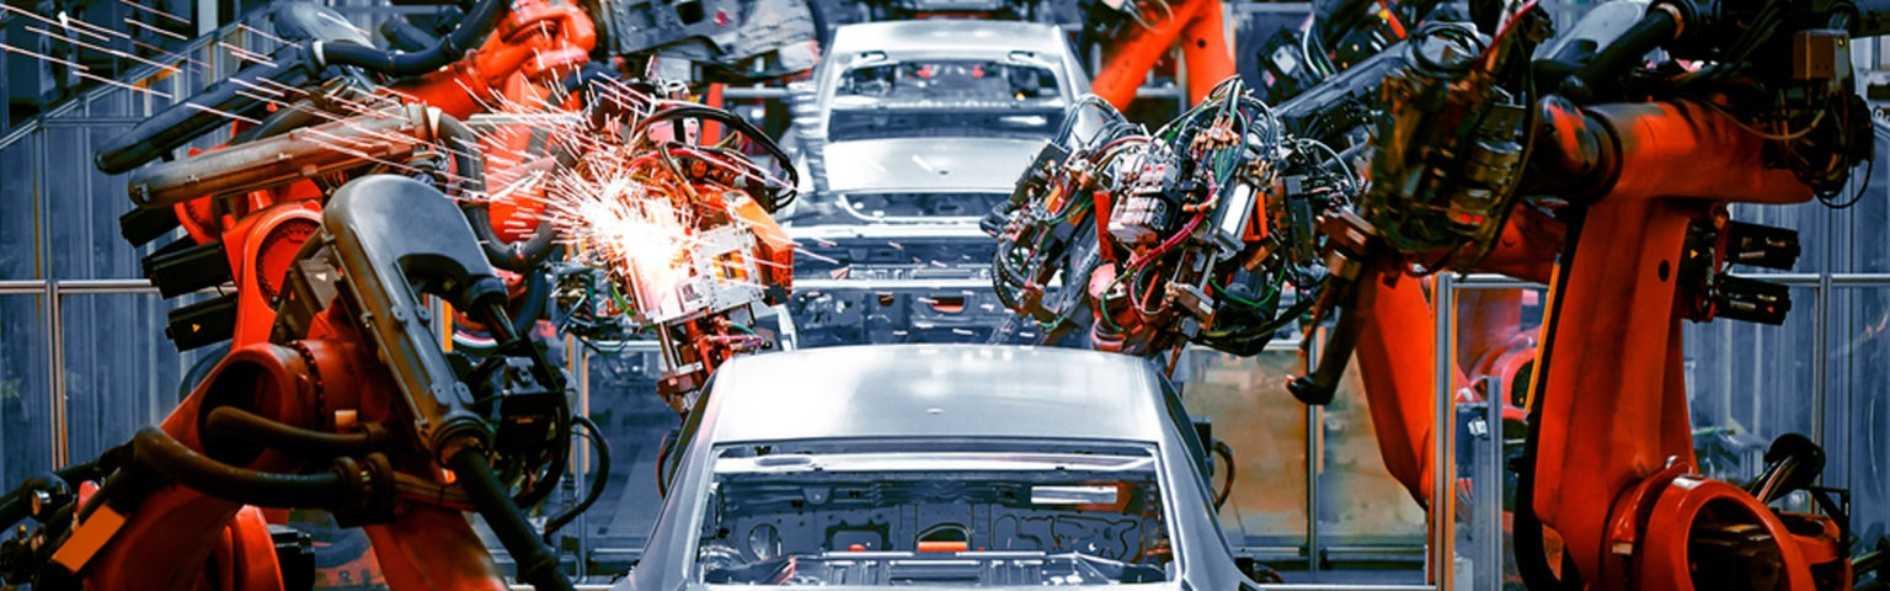 Conoce la automatización industrial y sus ventajas en el proceso productivo de una empresa